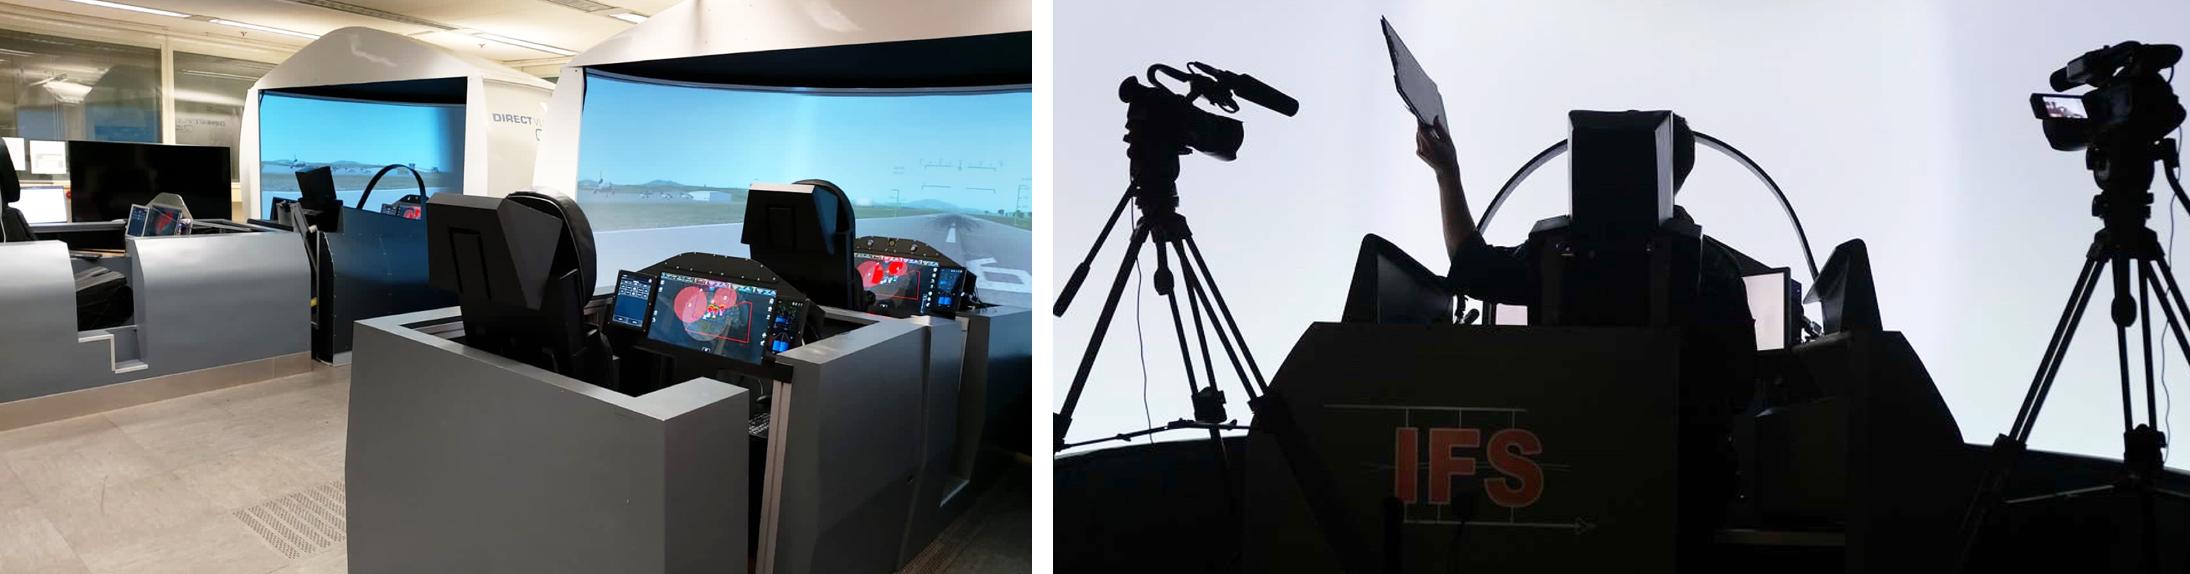 Zwei Fotos zu Untersuchungen von Missionstechnologien in der Simulation und im Flugversuch